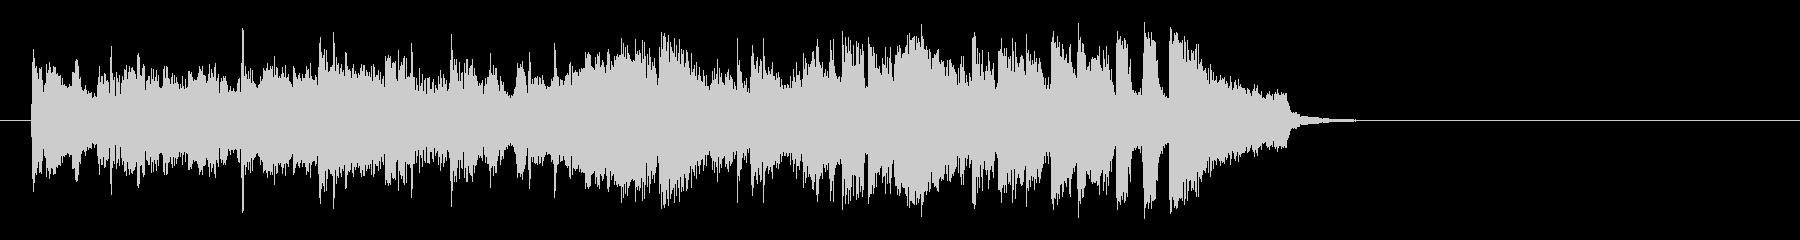 フュージョンバラード(イントロ)の未再生の波形